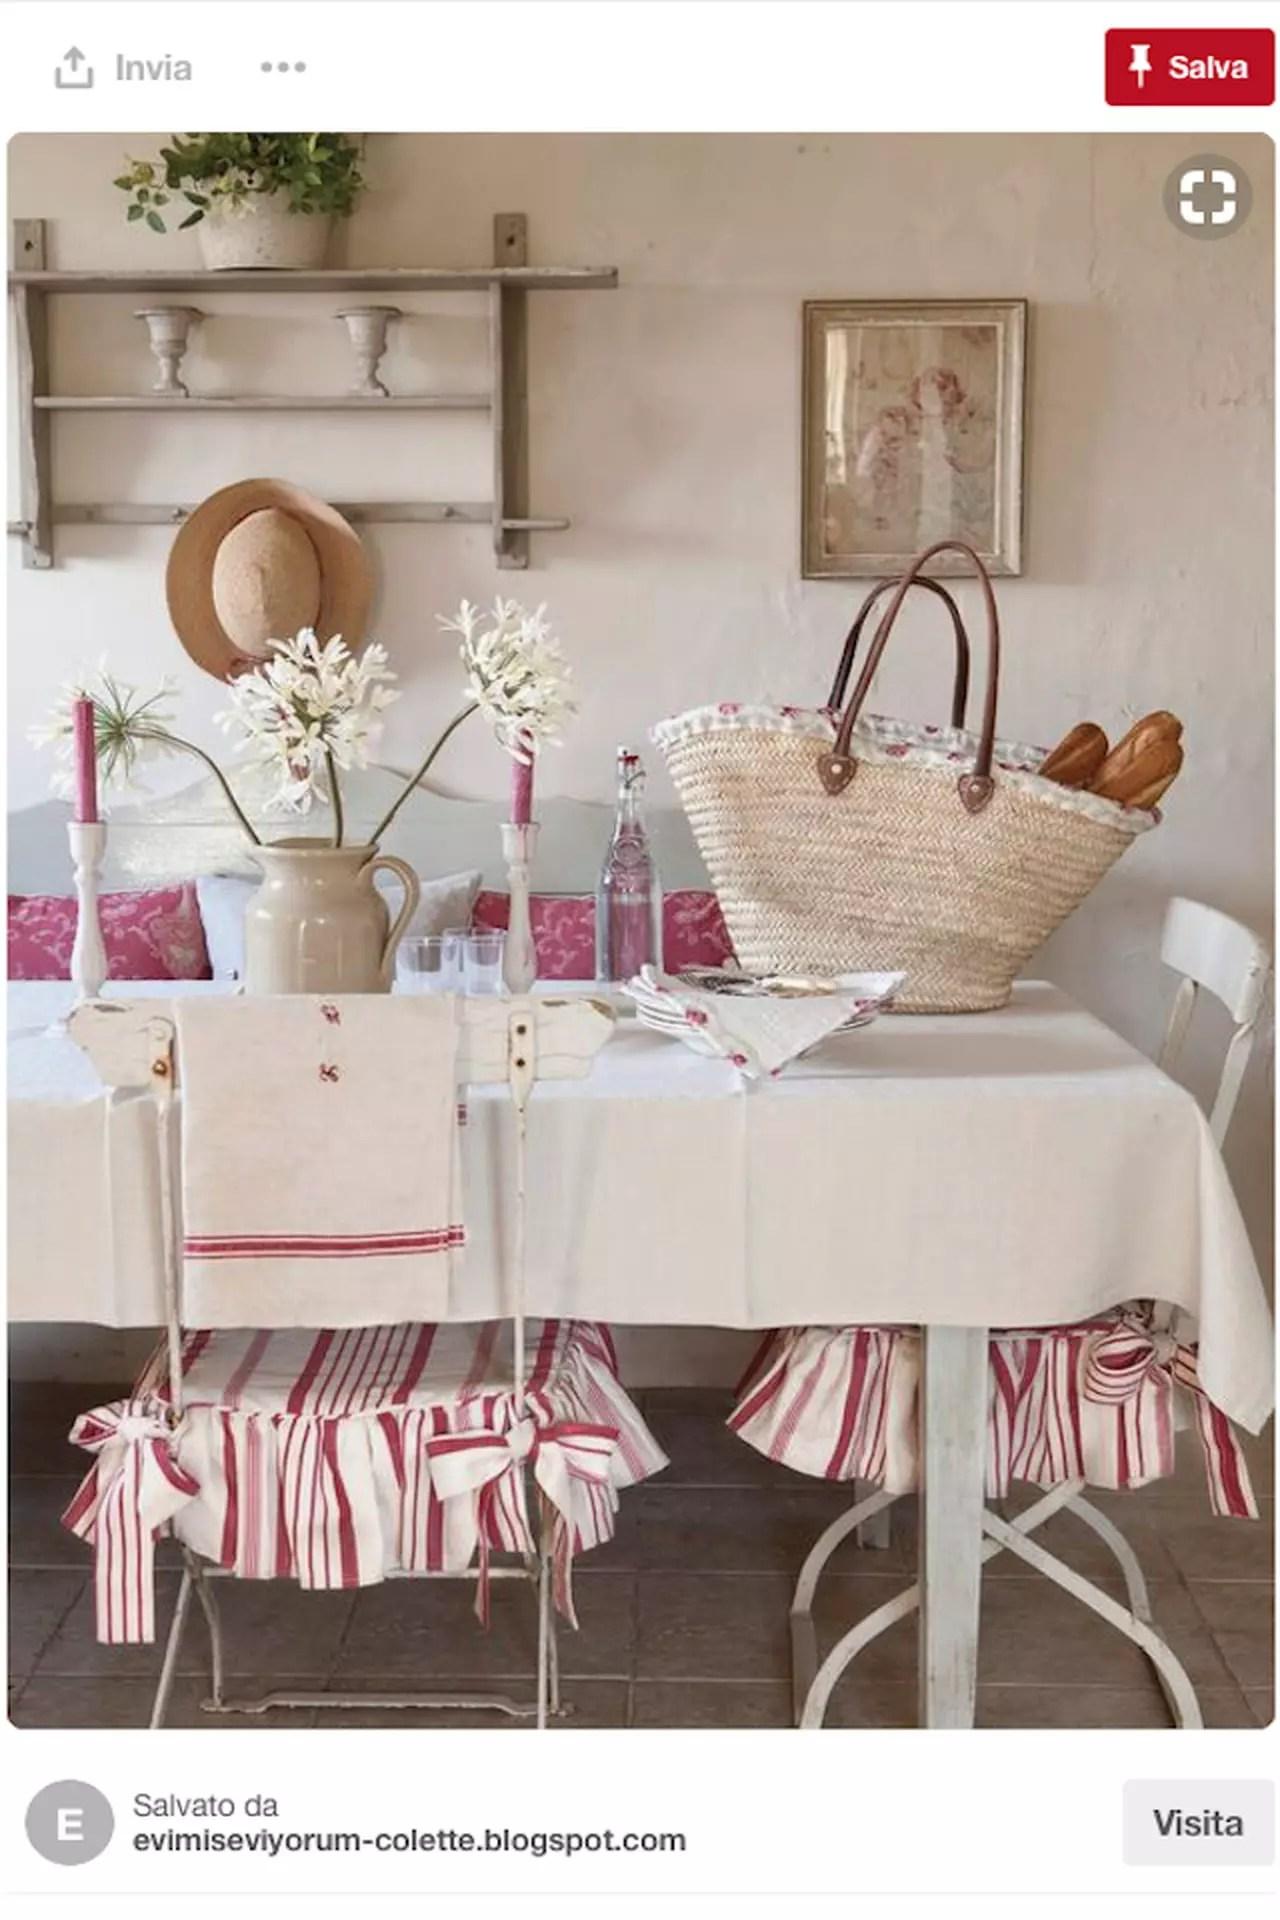 Tra gli accessori da giardino che non possono mancare nel tuo spazio verde personale, i cuscini per sedie da giardino sono quelli che meglio di tutti possono coniugare estetica e funzionalità. Cuscini Per Sedie Shabby Chic Spunti Da Pinterest Magazine Delle Donne